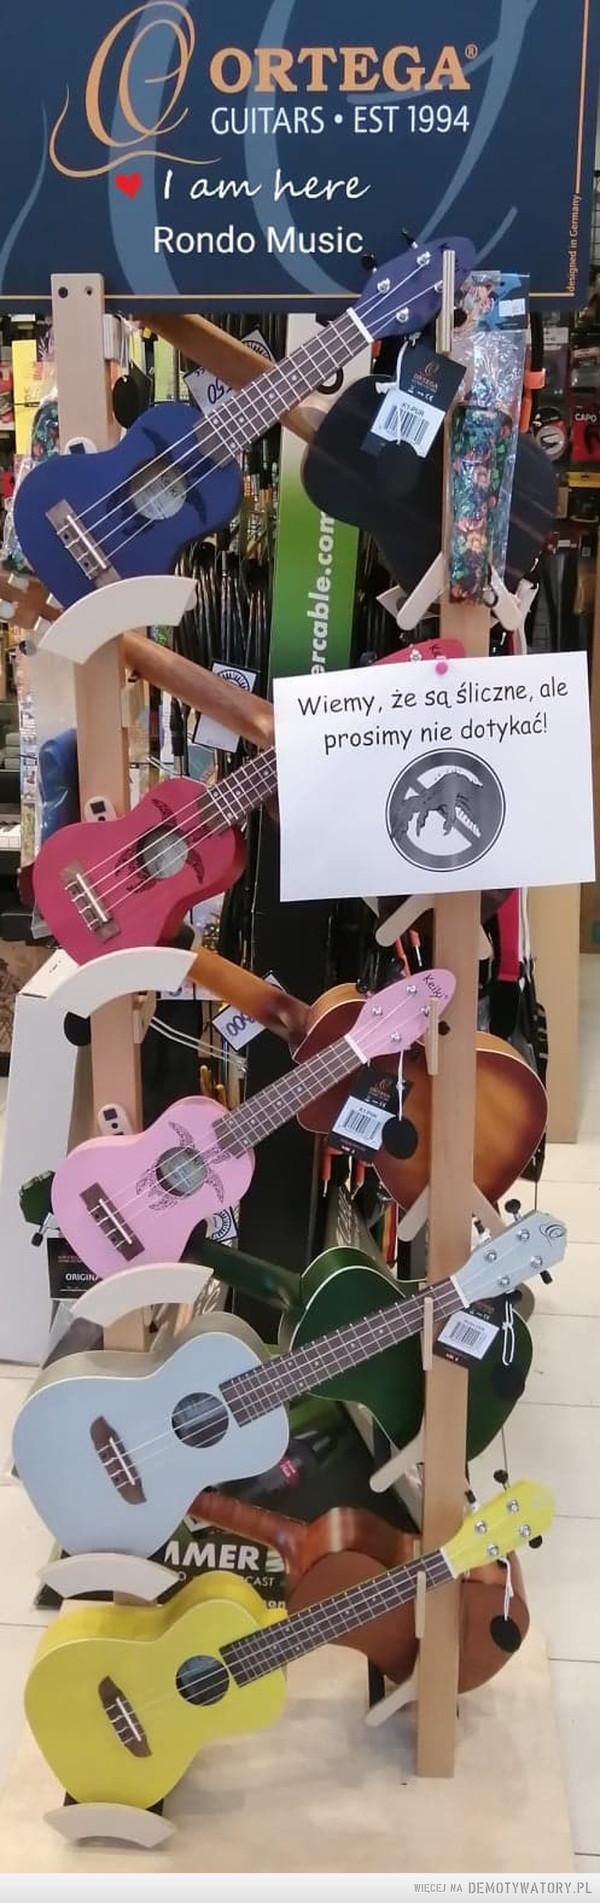 Każdy zakaz ma swoją historię – W jednym ze sklepów muzycznych na Śląsku